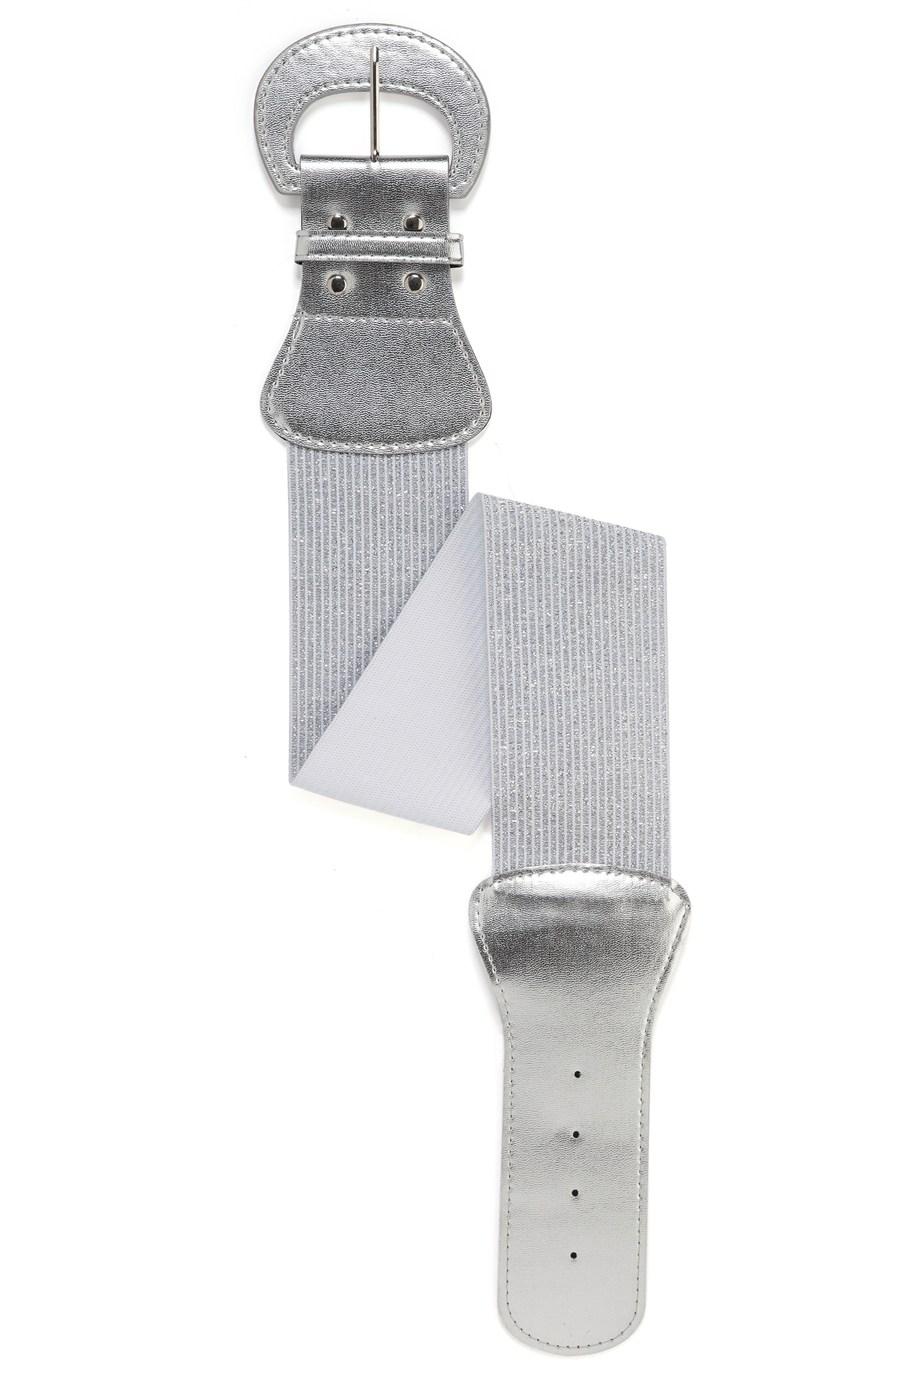 Brede zilveren riem met grote gesp